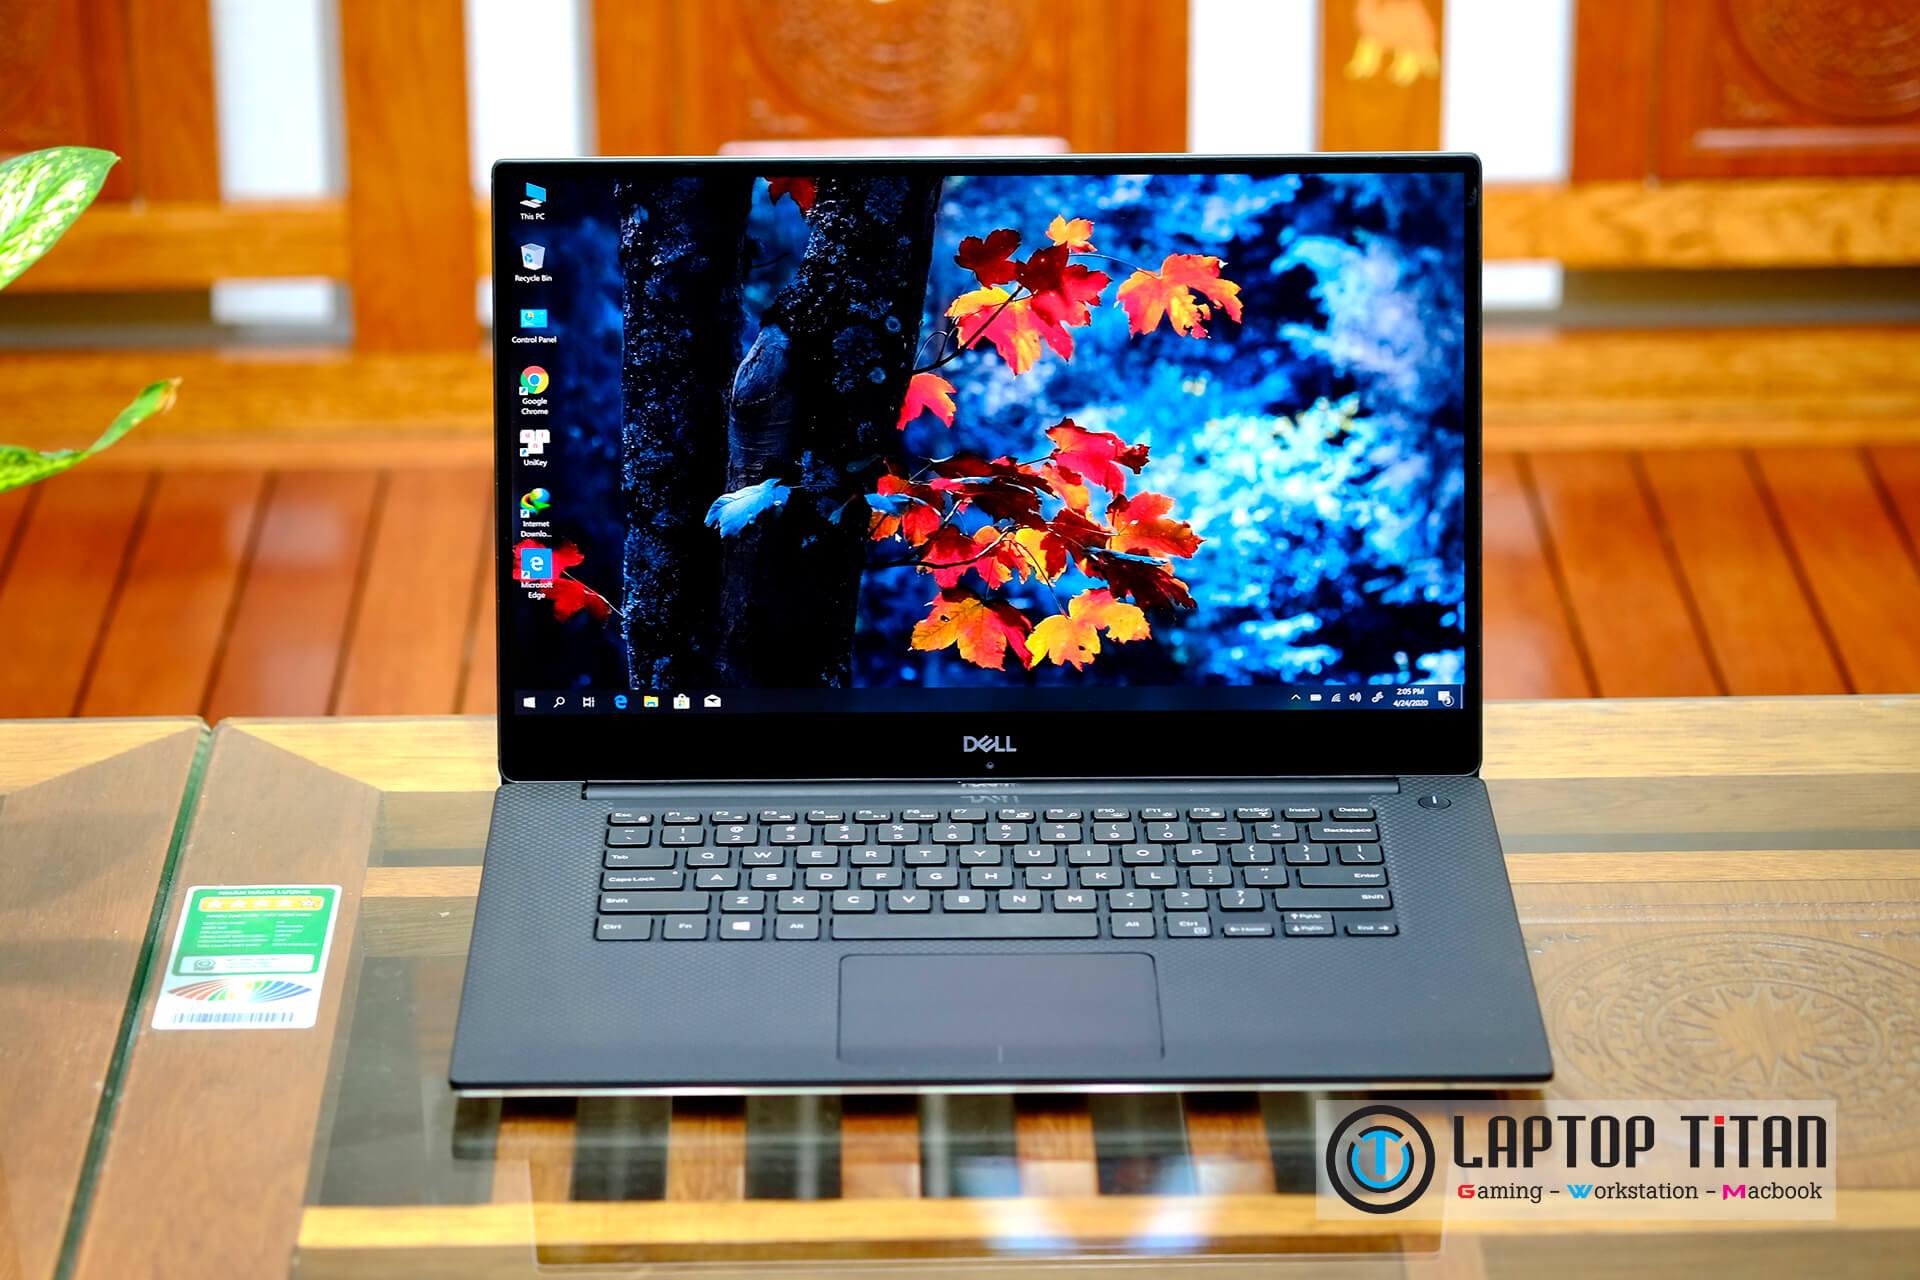 Dell Xps 15 9570 Laptoptitan 04